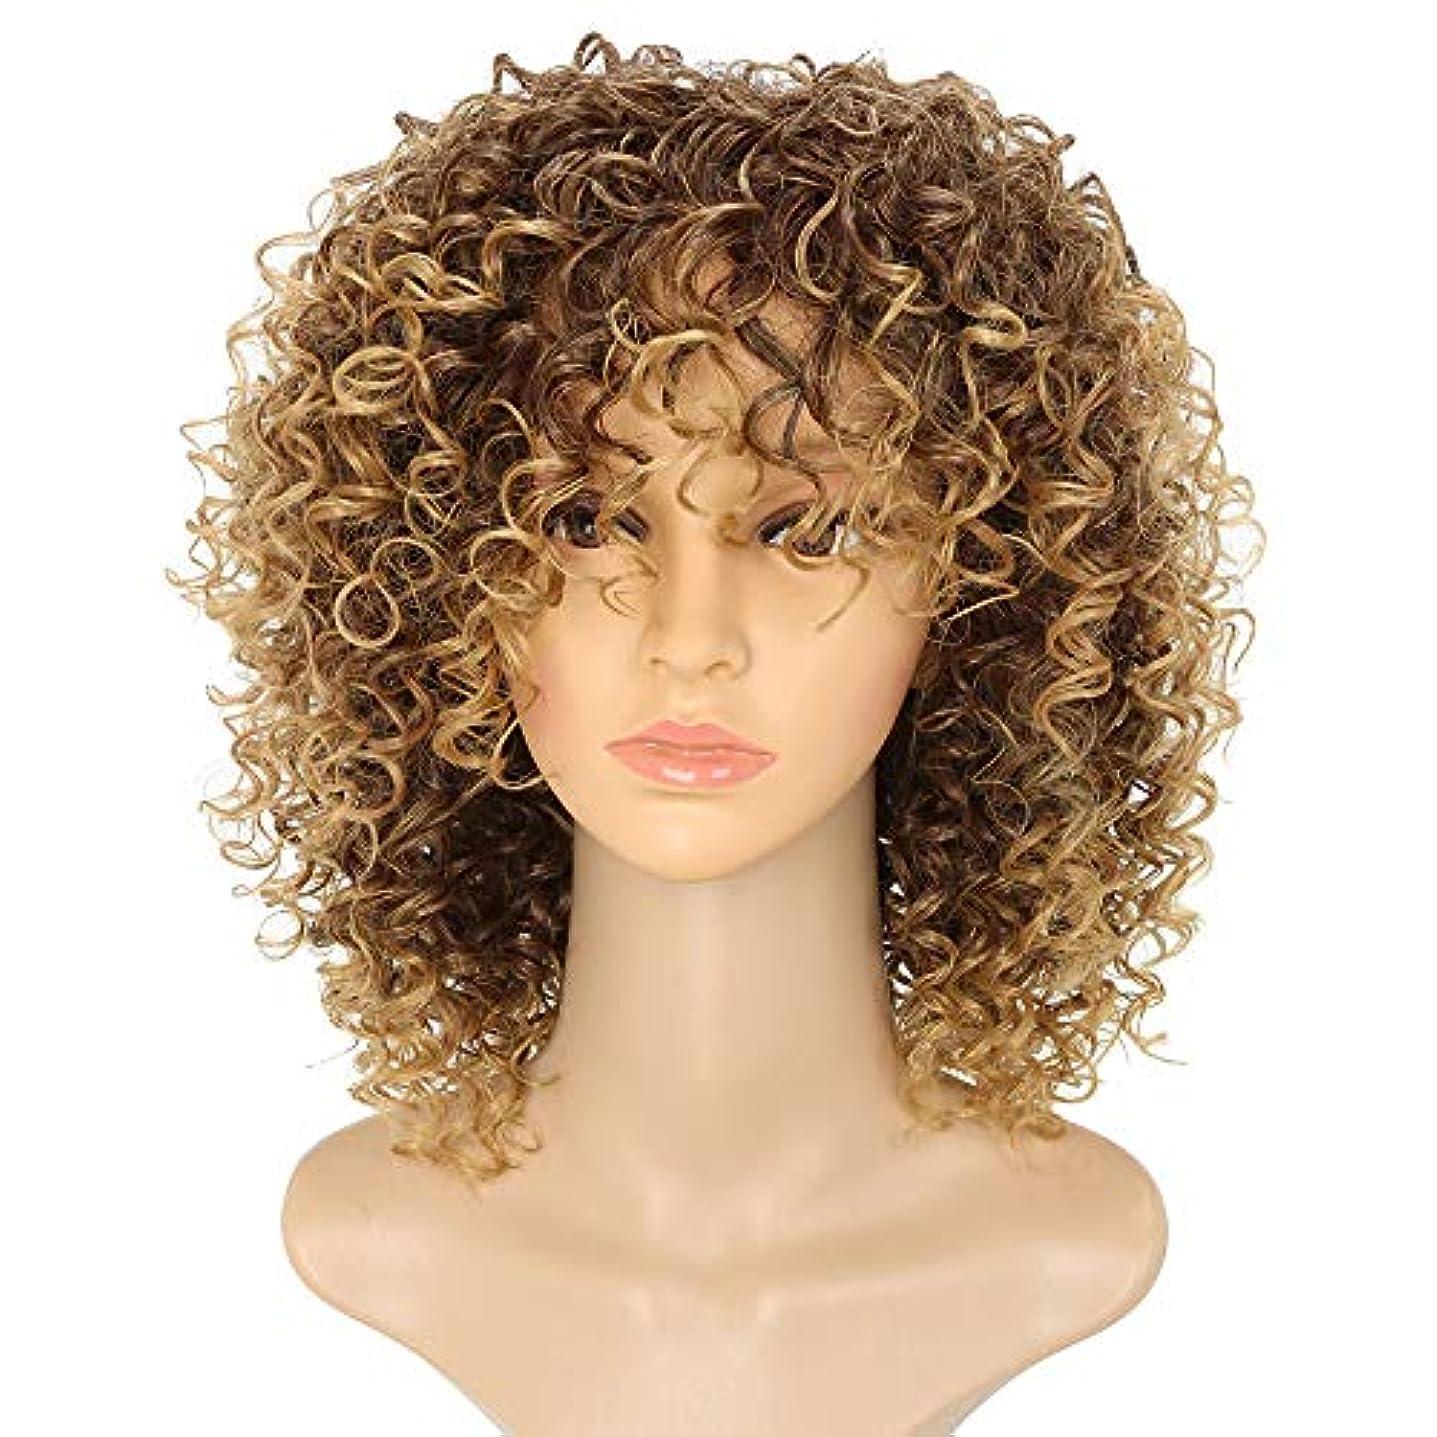 実際のきつく安価なヘアエクステンションショートアフロウィッグブラウンウィメンズカーリーキンキーオンブルブロンドネイチャーブラックアフリカ合成ウィッグ14インチ